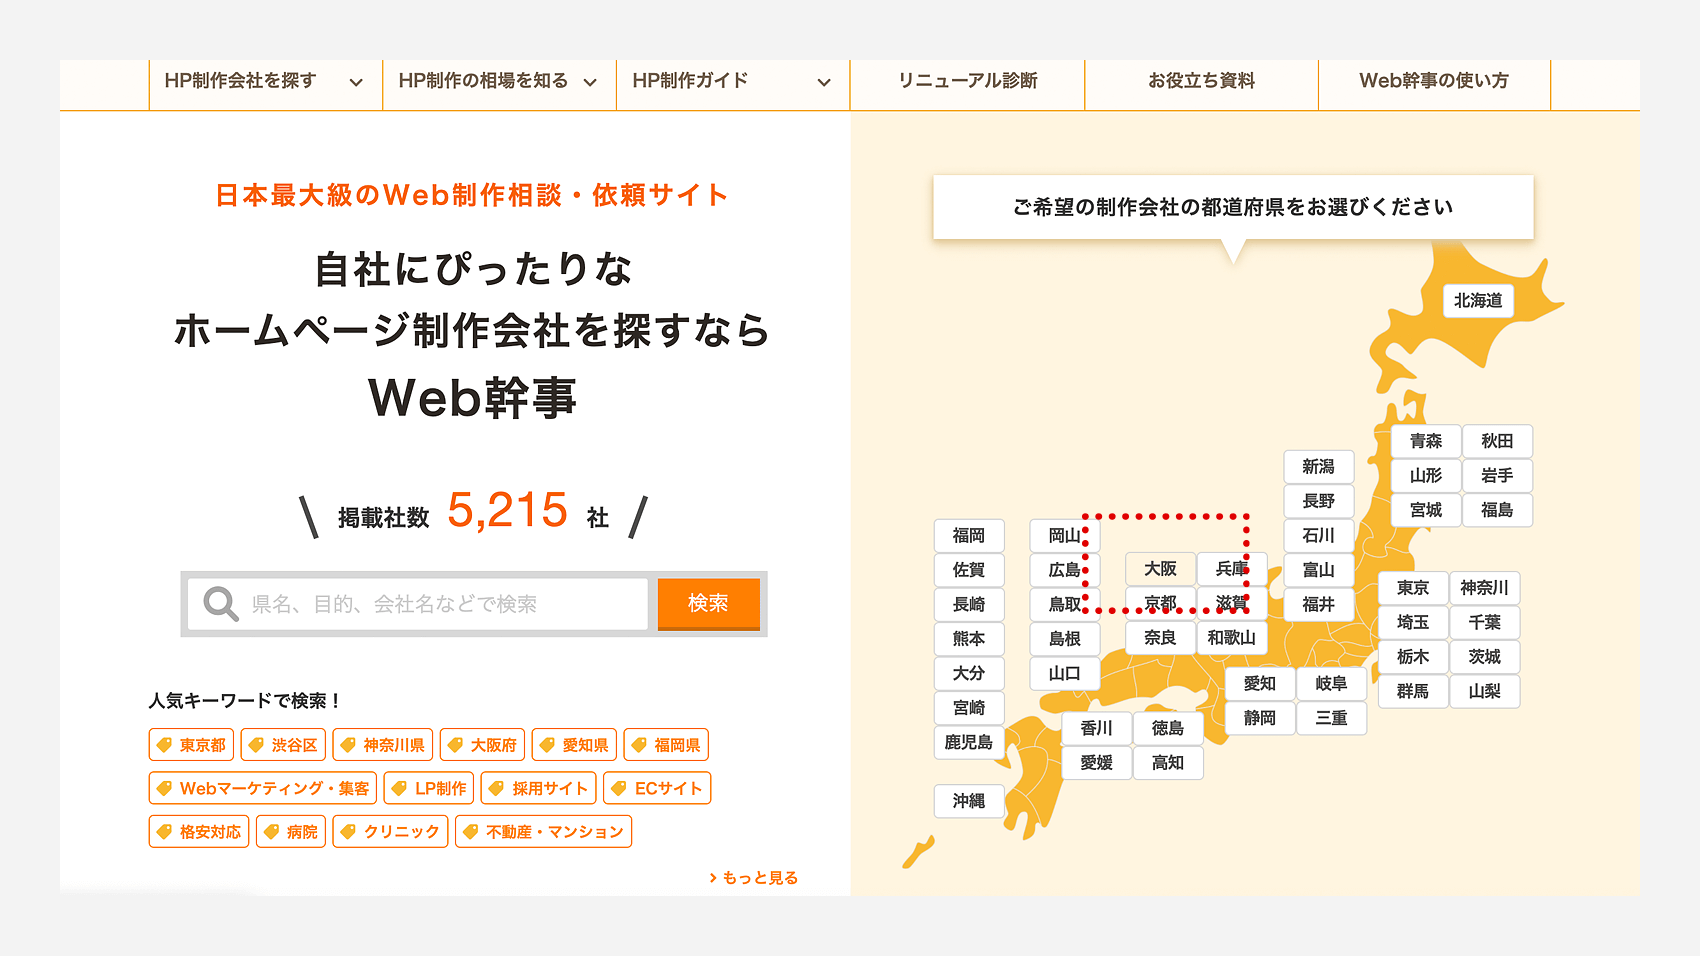 web幹事さんのTOPページの検索画面